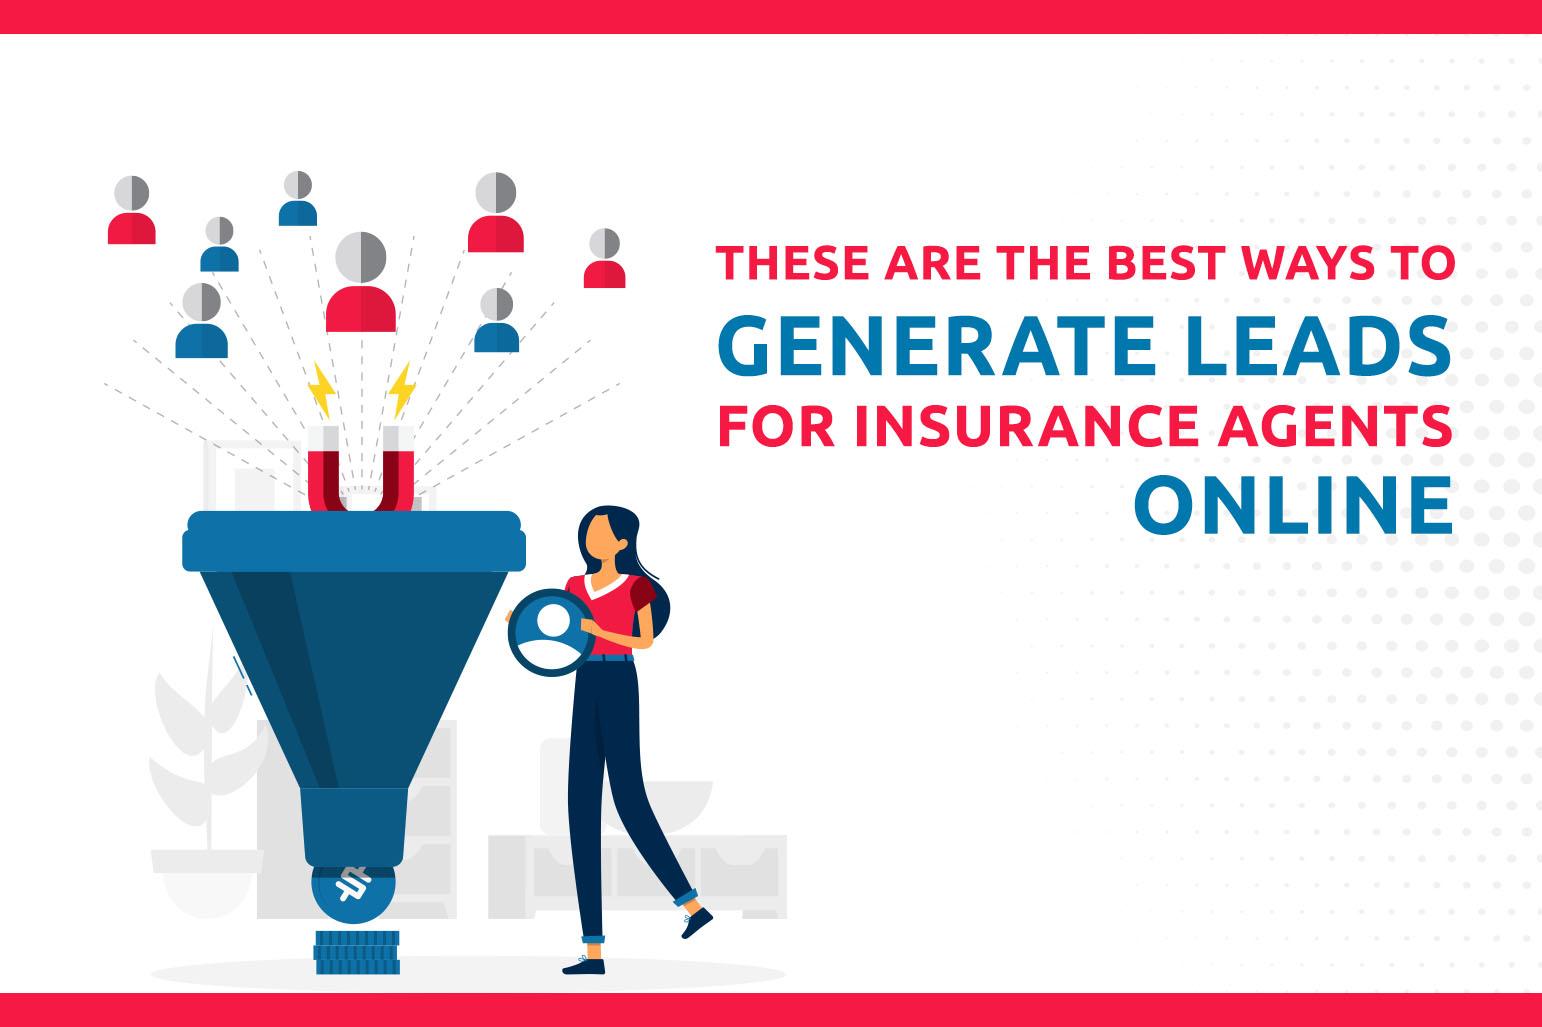 Estas são as melhores maneiras de gerar pistas para os agentes de seguros on-line